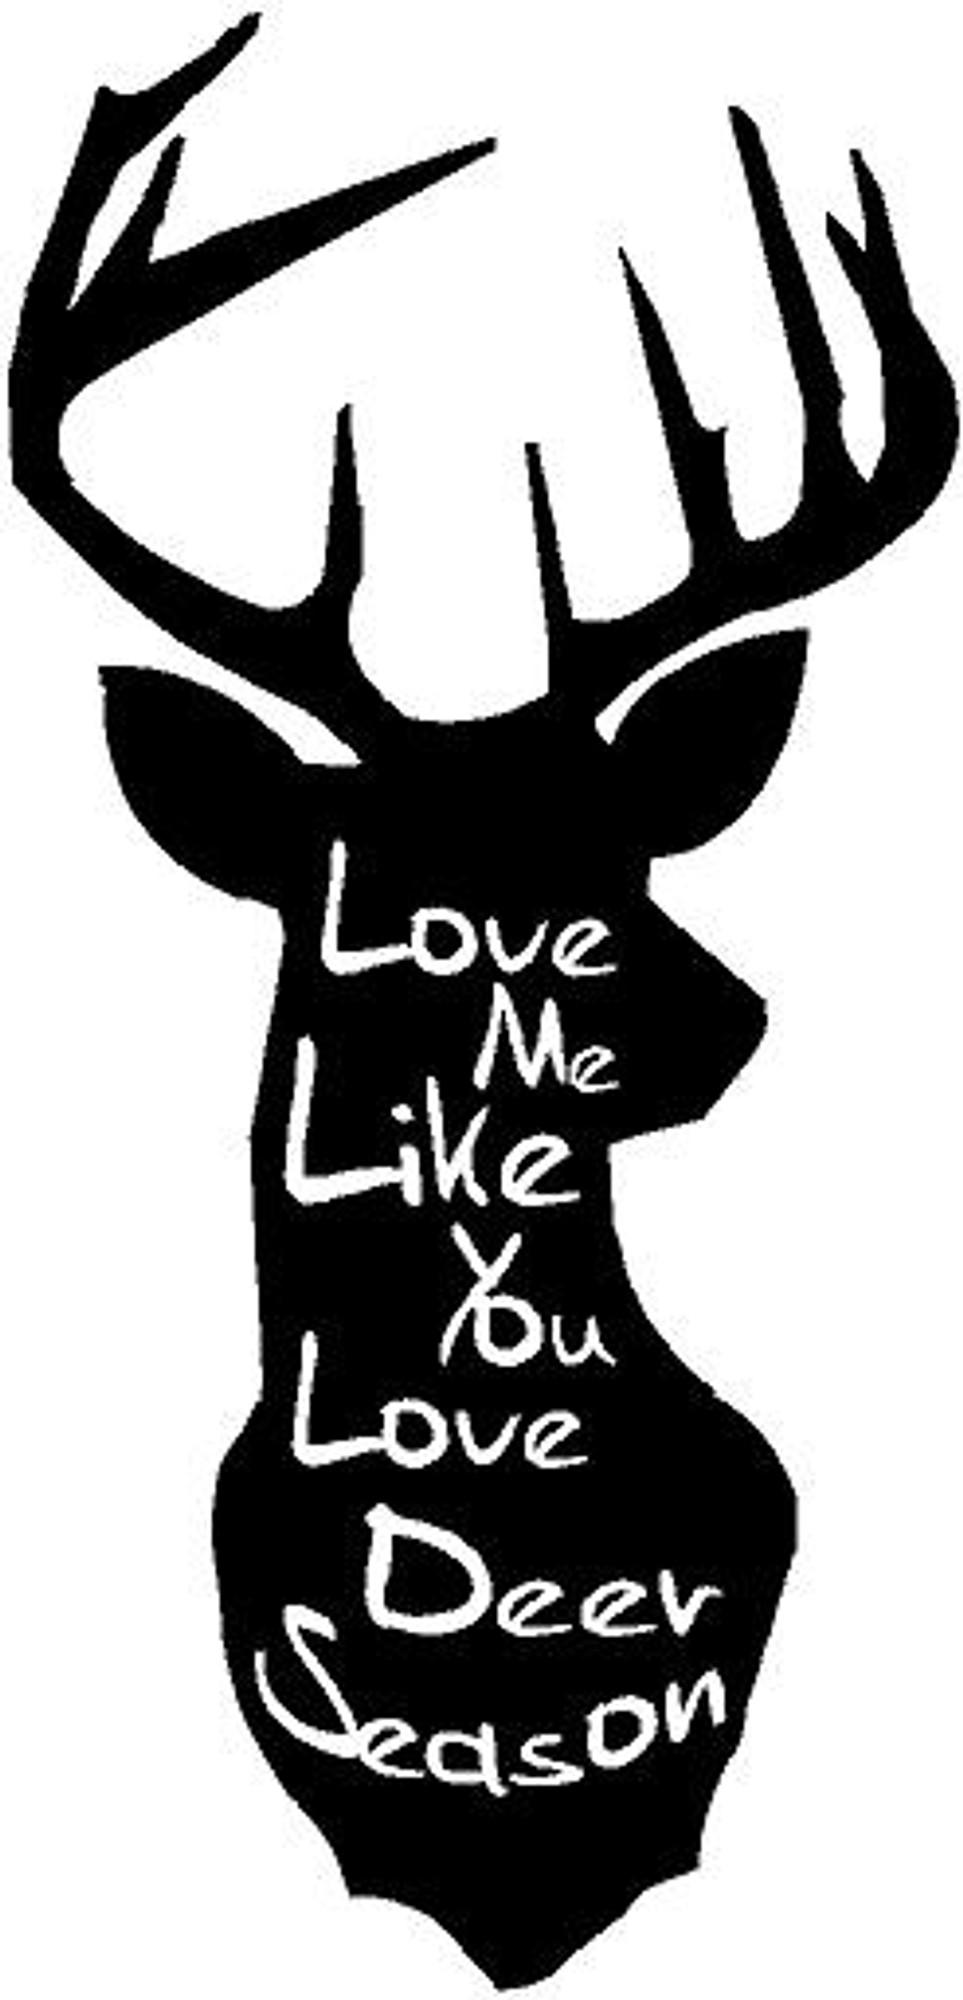 Download Decal-Love me Like you love deer season 2016 - Onestringer